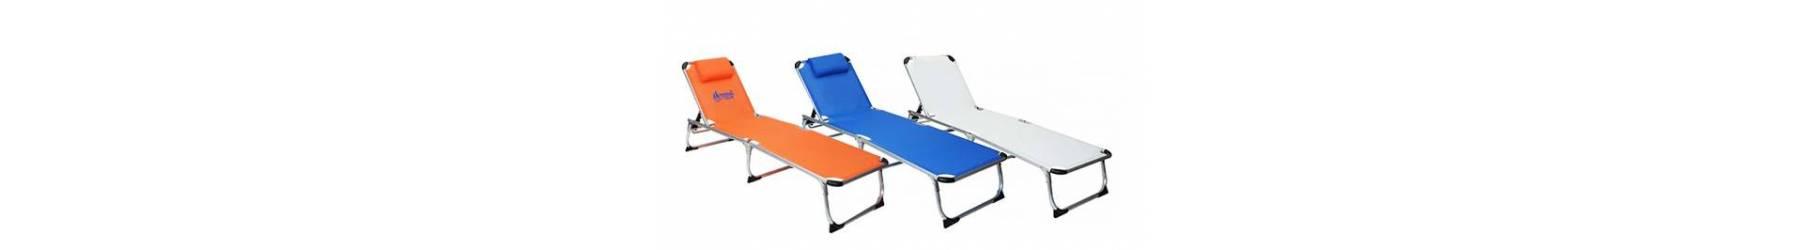 Ξαπλώστρες πτυσσόμενες για παραλία και camping